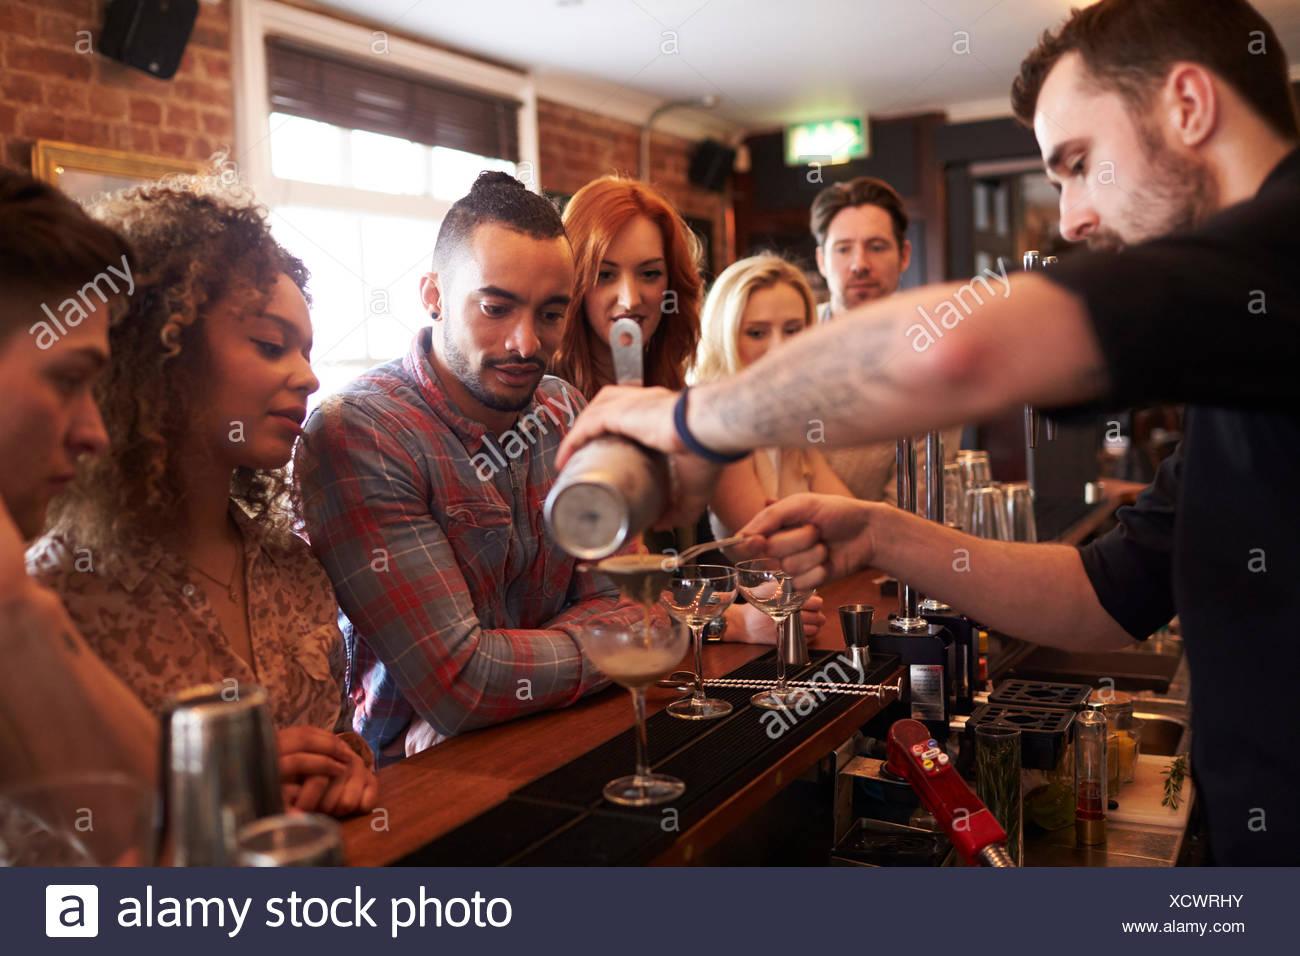 Cantinero dando lecciones de preparación de cócteles a los amigos en el bar Imagen De Stock